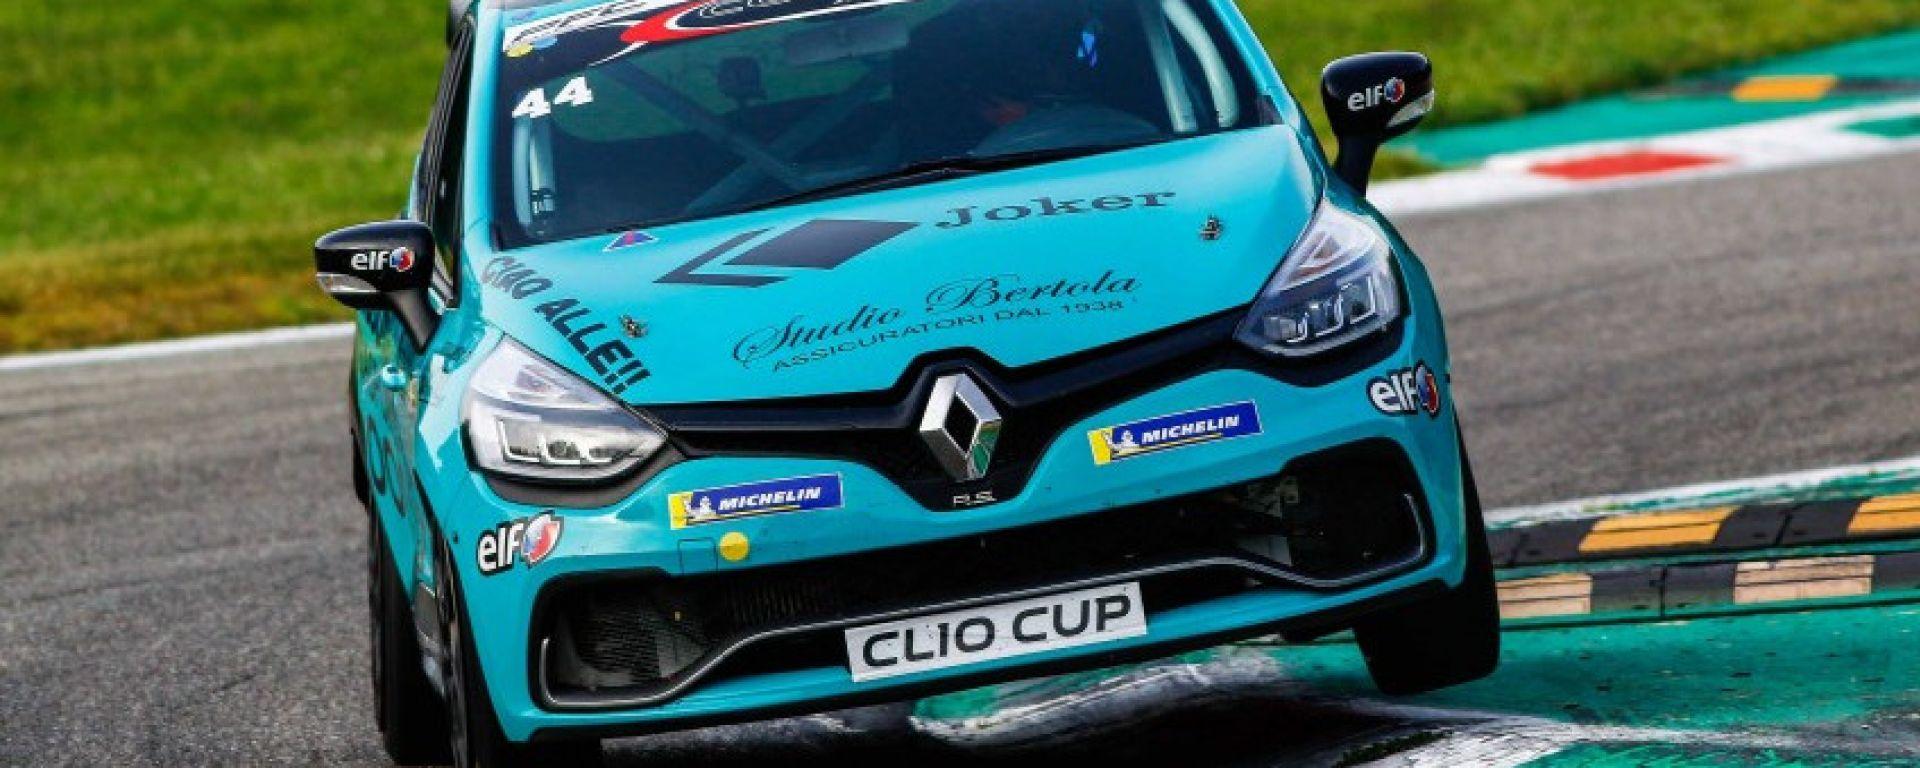 Clio Cup Italia 2019, Jelmini domina il weekend di Monza